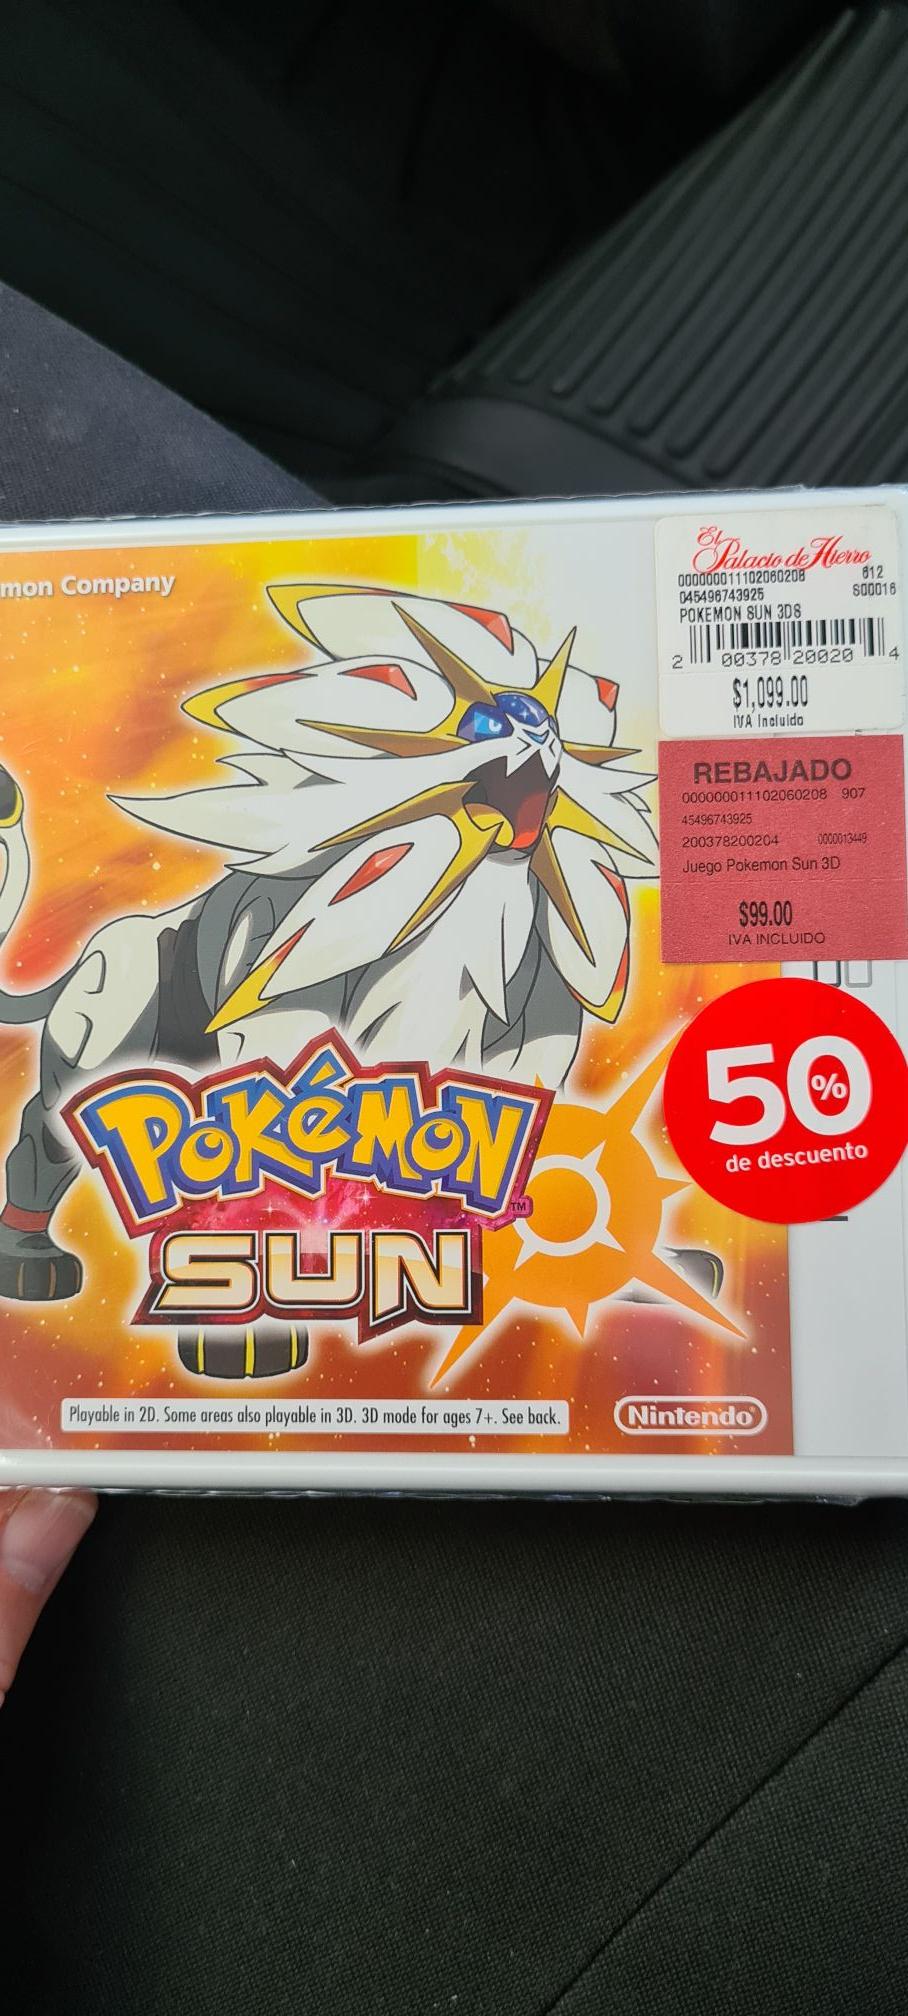 Palacio de Hierro GDL, Pokemon Sun 3DS